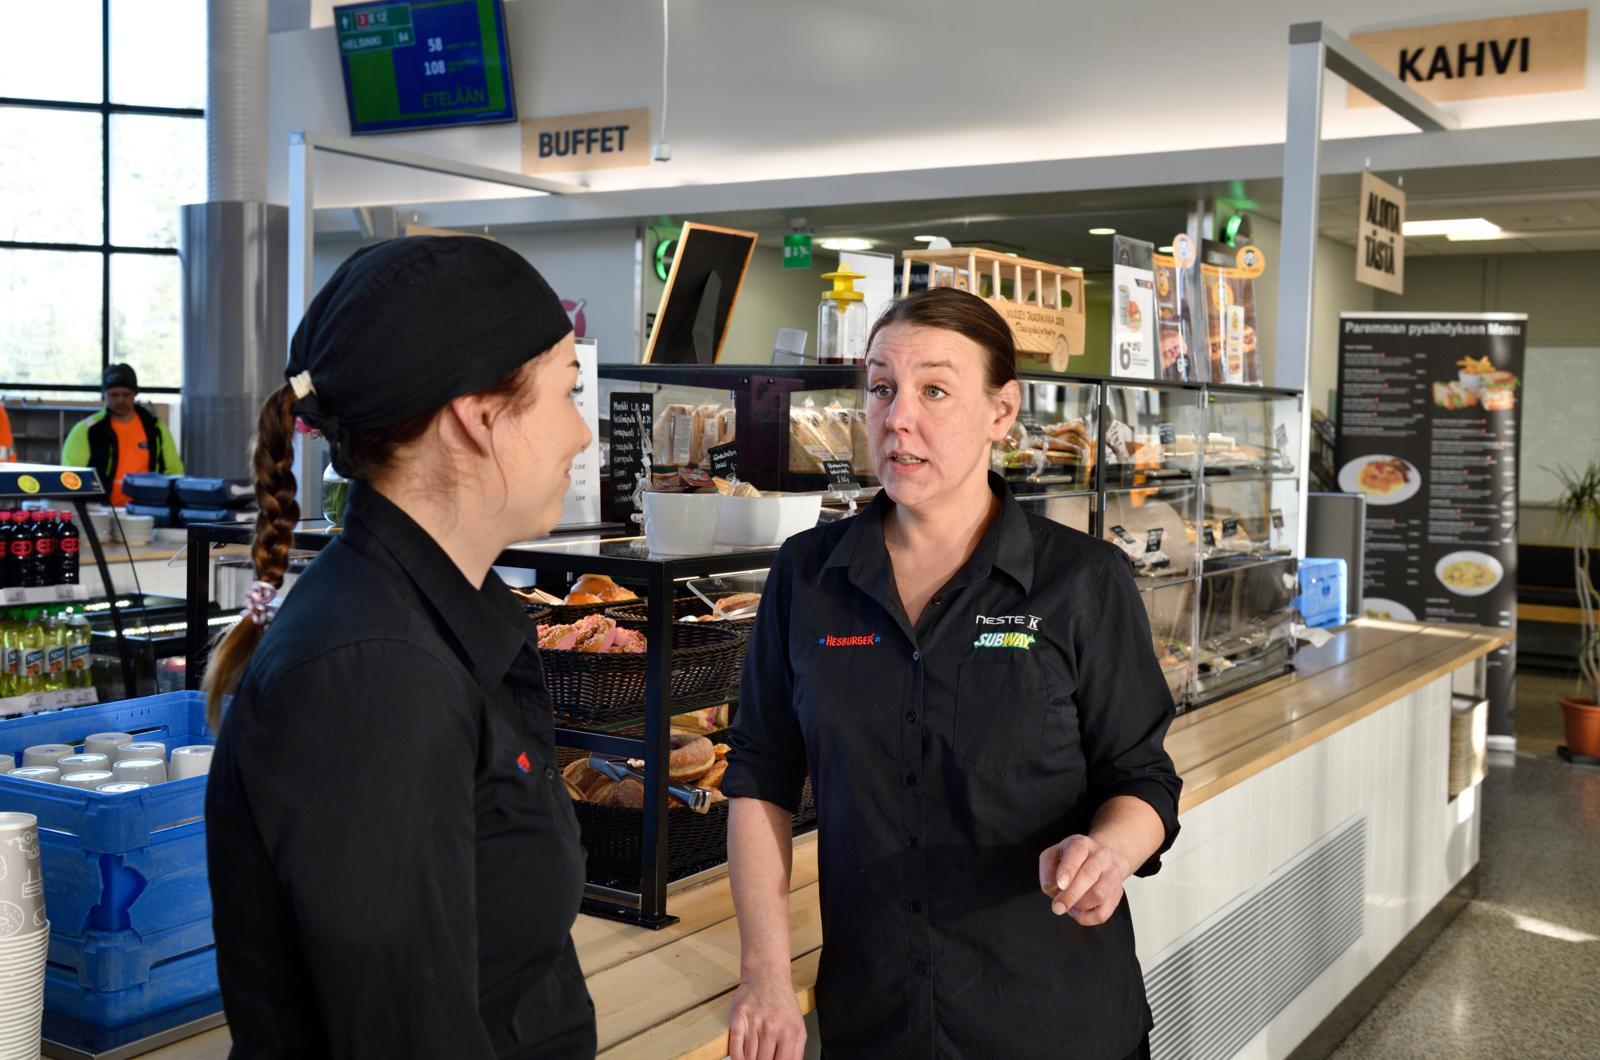 Förtroendemannen för Linnatuuli Elise Jarho pratar med sin arbetskamrat Beeda Forsström. Foto: Harri Nurminen